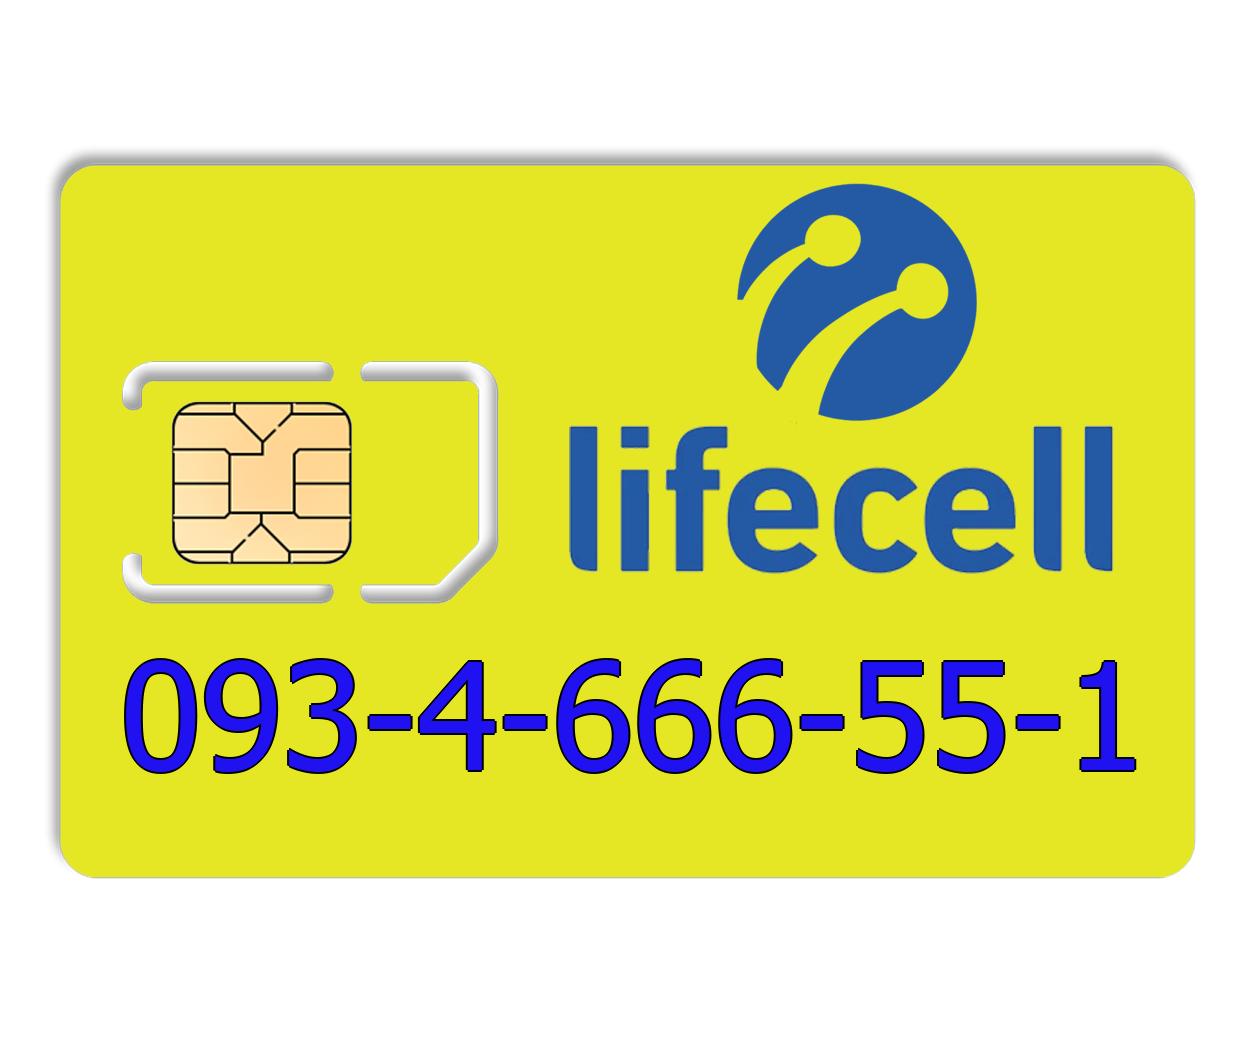 Красивый номер lifecell 093-4-666-55-1